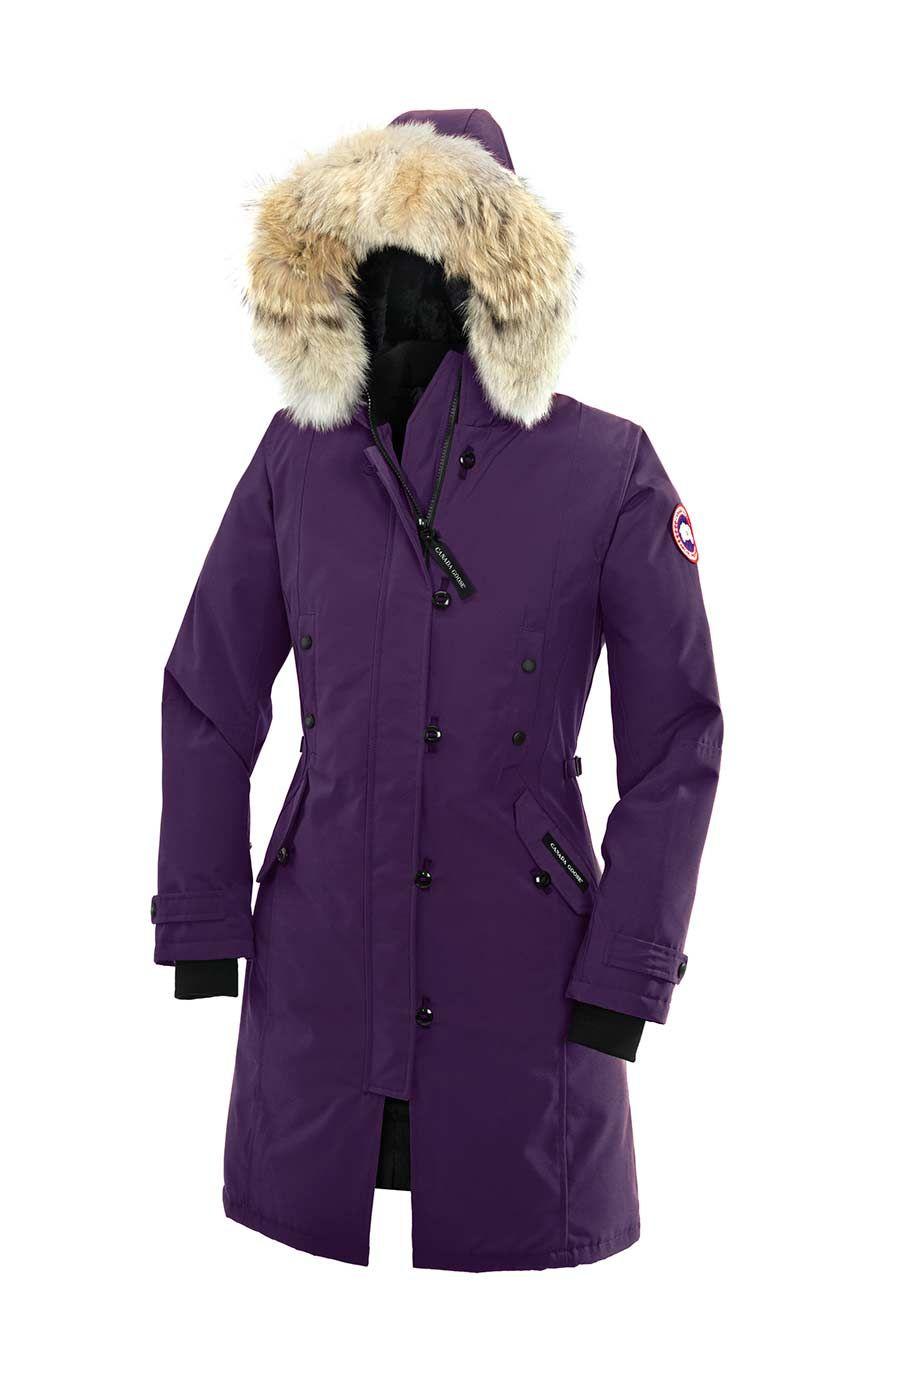 Canada fashion Goose Pinterest Kensington Dusk Parka Arctic BqSXtUx